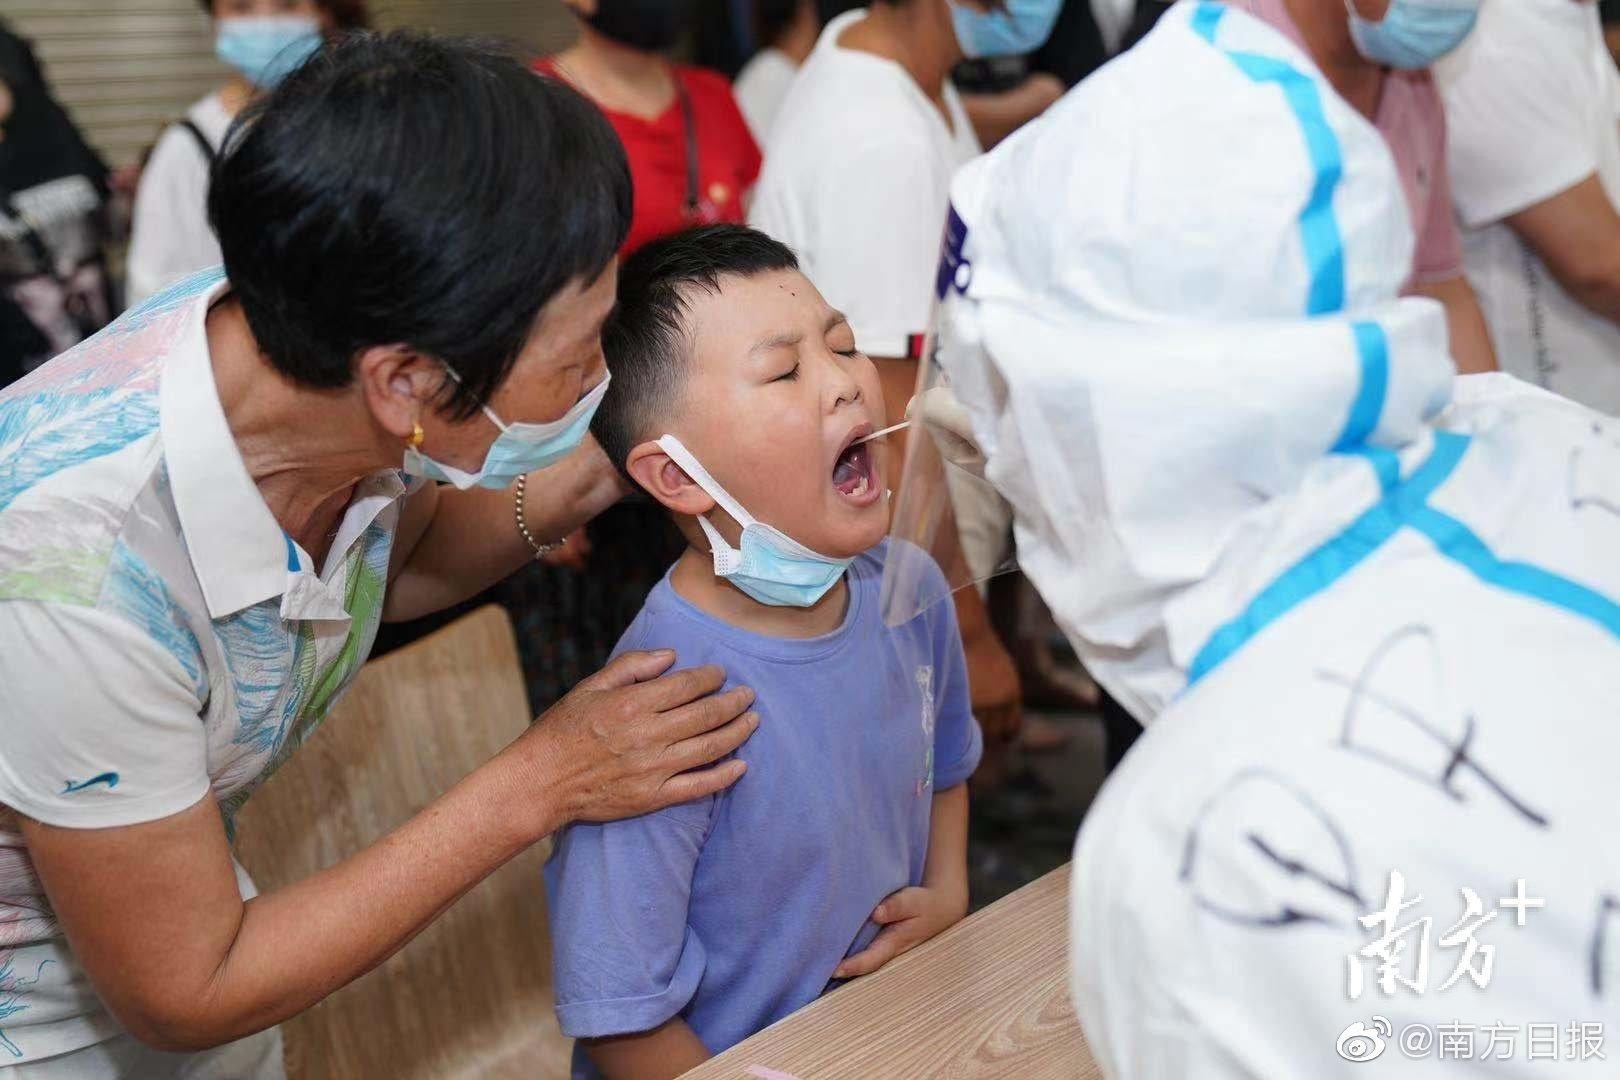 杏悦:广州新增确诊病例杏悦中有10例来图片